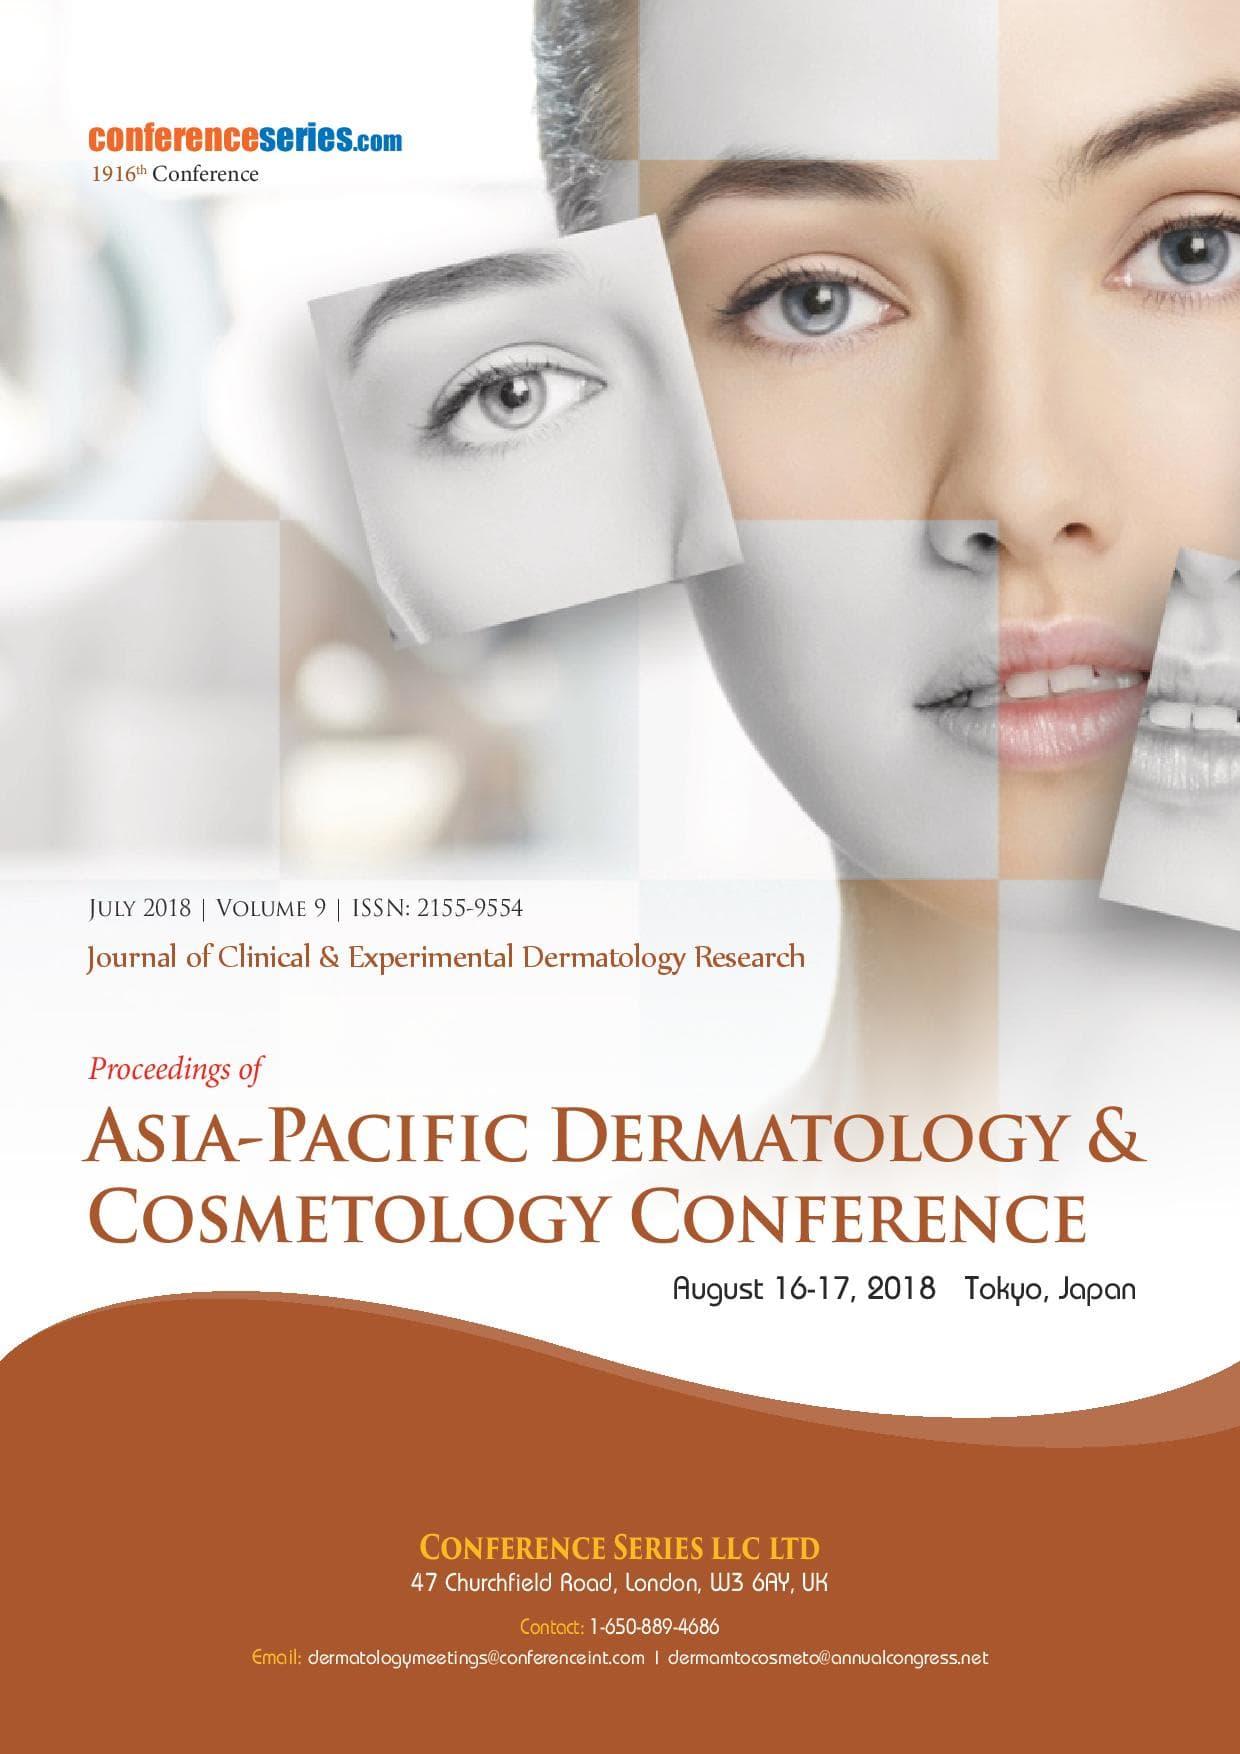 Dermatology Meetings 2018